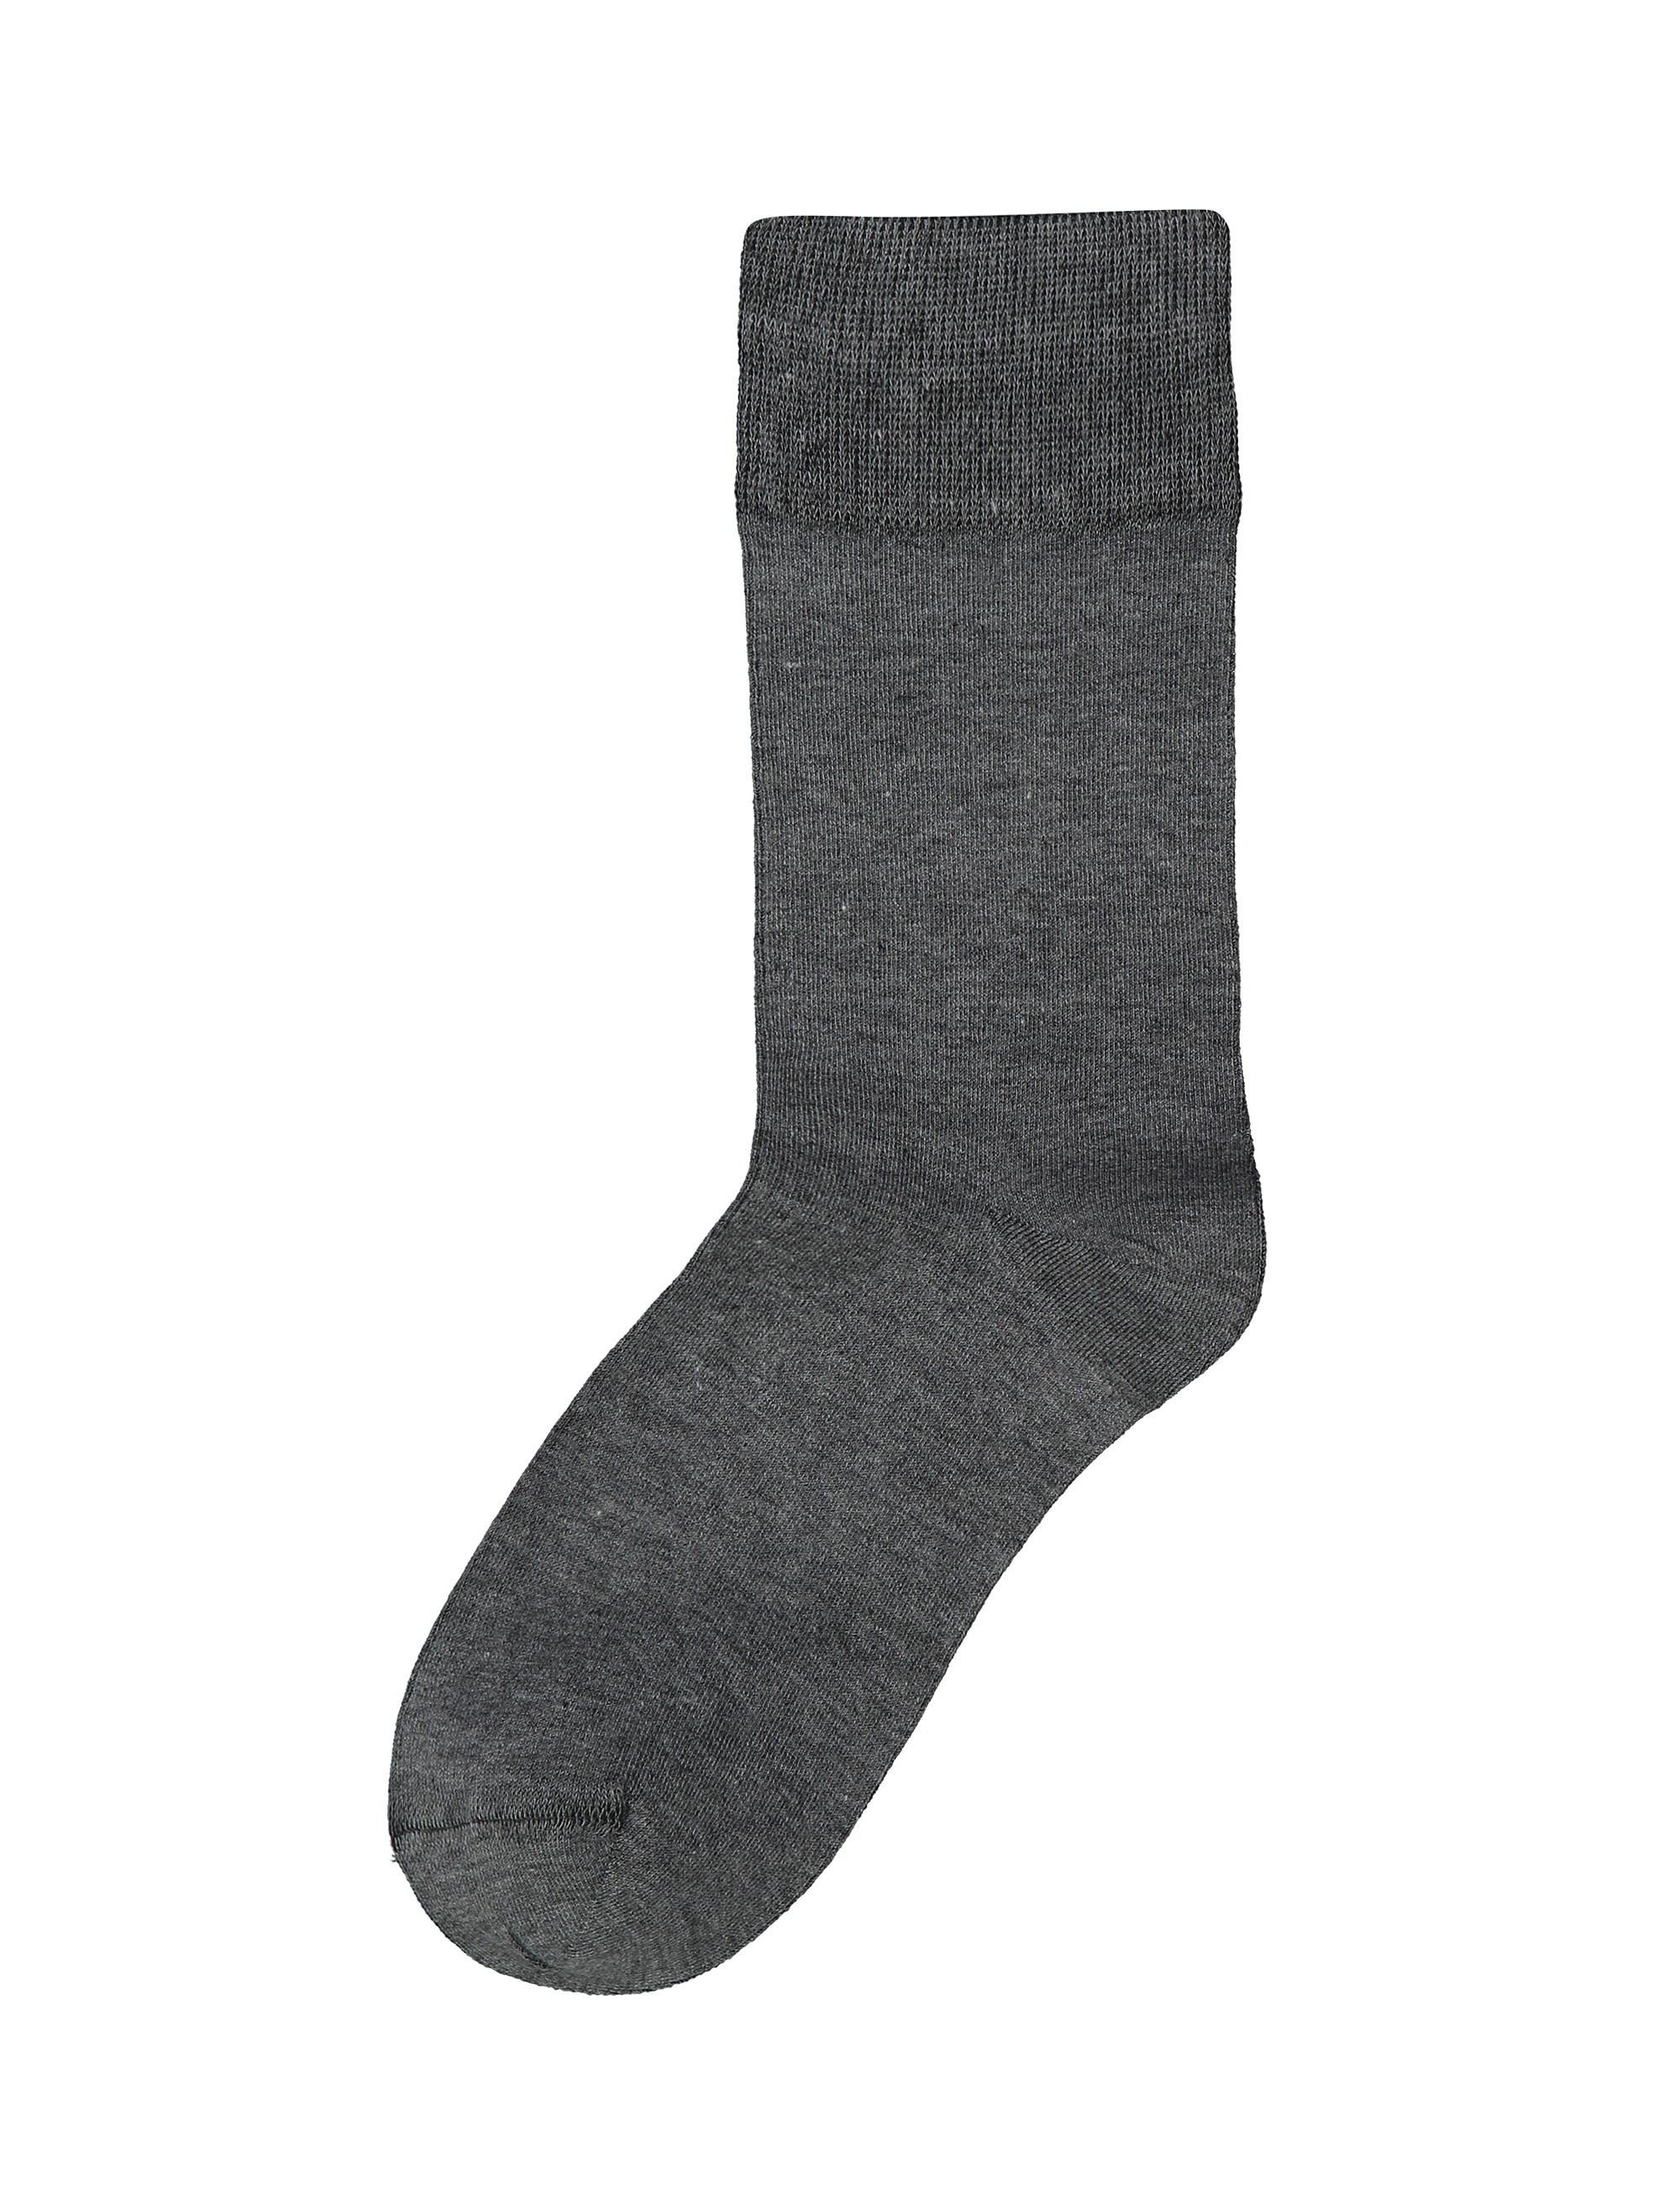 جوراب نخی ساق متوسط مردانه - آر اِن اِس - طوسي تيره - 2